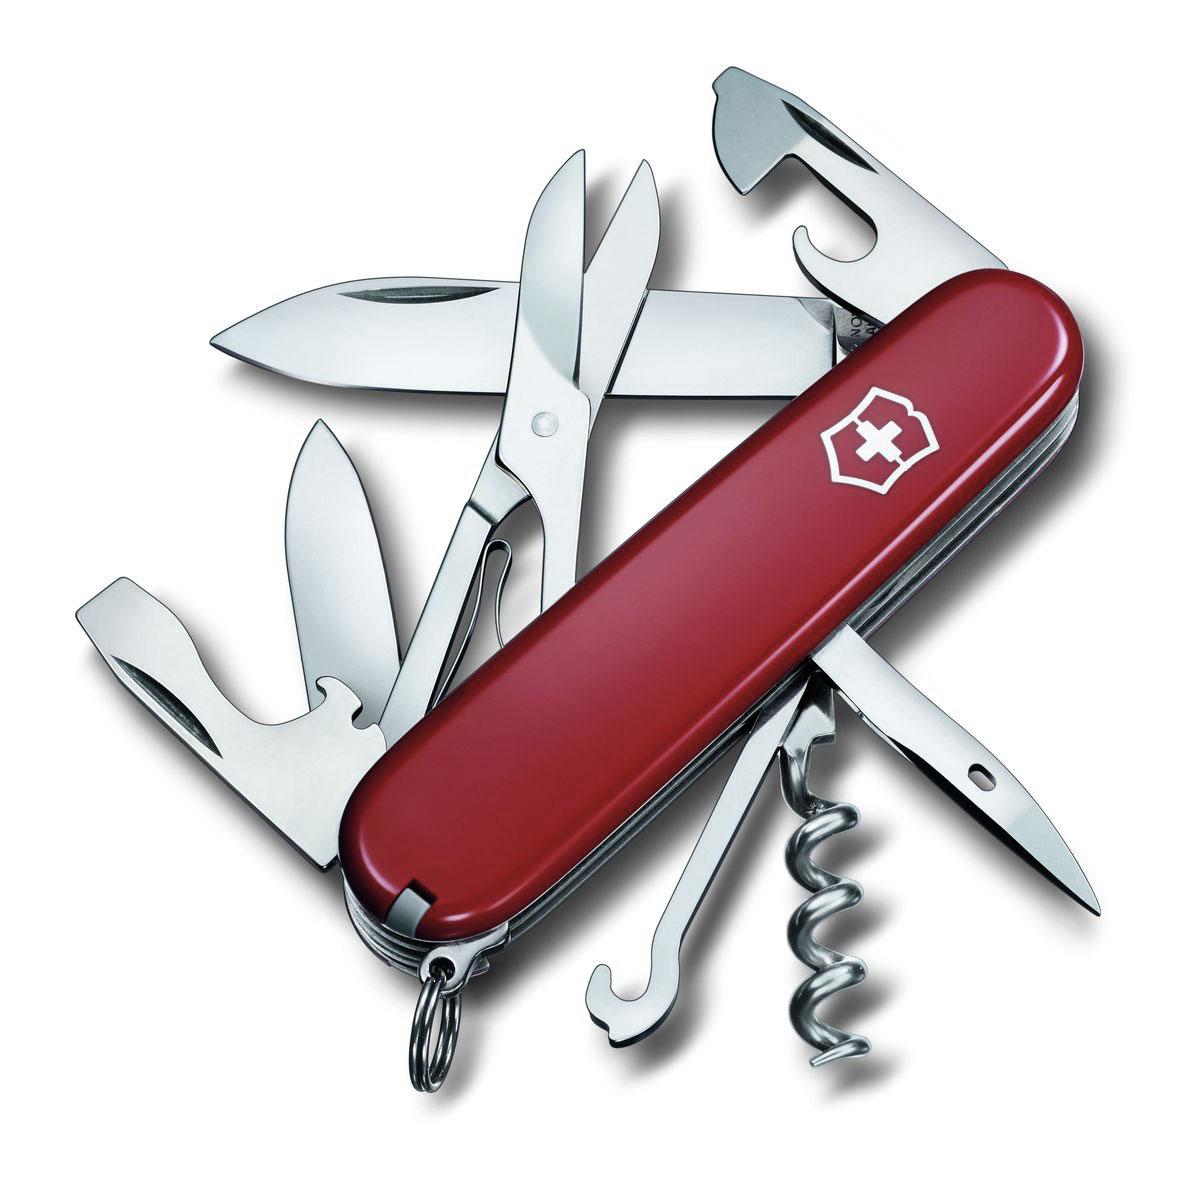 Нож перочинный Victorinox Climber, цвет: красный, 14 функций, 9,1 см1.3703Лезвие перочинного складного ножа Victorinox Climber изготовлено из высококачественной нержавеющей стали. Ручка, выполненная из прочного пластика, обеспечивает надежный и удобный хват.Хорошее качество, надежный долговечный материал и эргономичная рукоятка - что может быть удобнее на природе или на пикнике!Функции ножа:Большое лезвие.Малое лезвие.Штопор.Консервный нож с малой отверткой.Открывалка для бутылок с отверткой.Инструмент для снятия изоляции.Шило, кернер.Кольцо для ключей.Пинцет.Зубочистка.Ножницы.Многофункциональный крючокДлина ножа в сложенном виде: 9,1 см.Длина ножа в разложенном виде: 16 см.Длина большого лезвия: 7 см.Длина малого лезвия: 4 см.